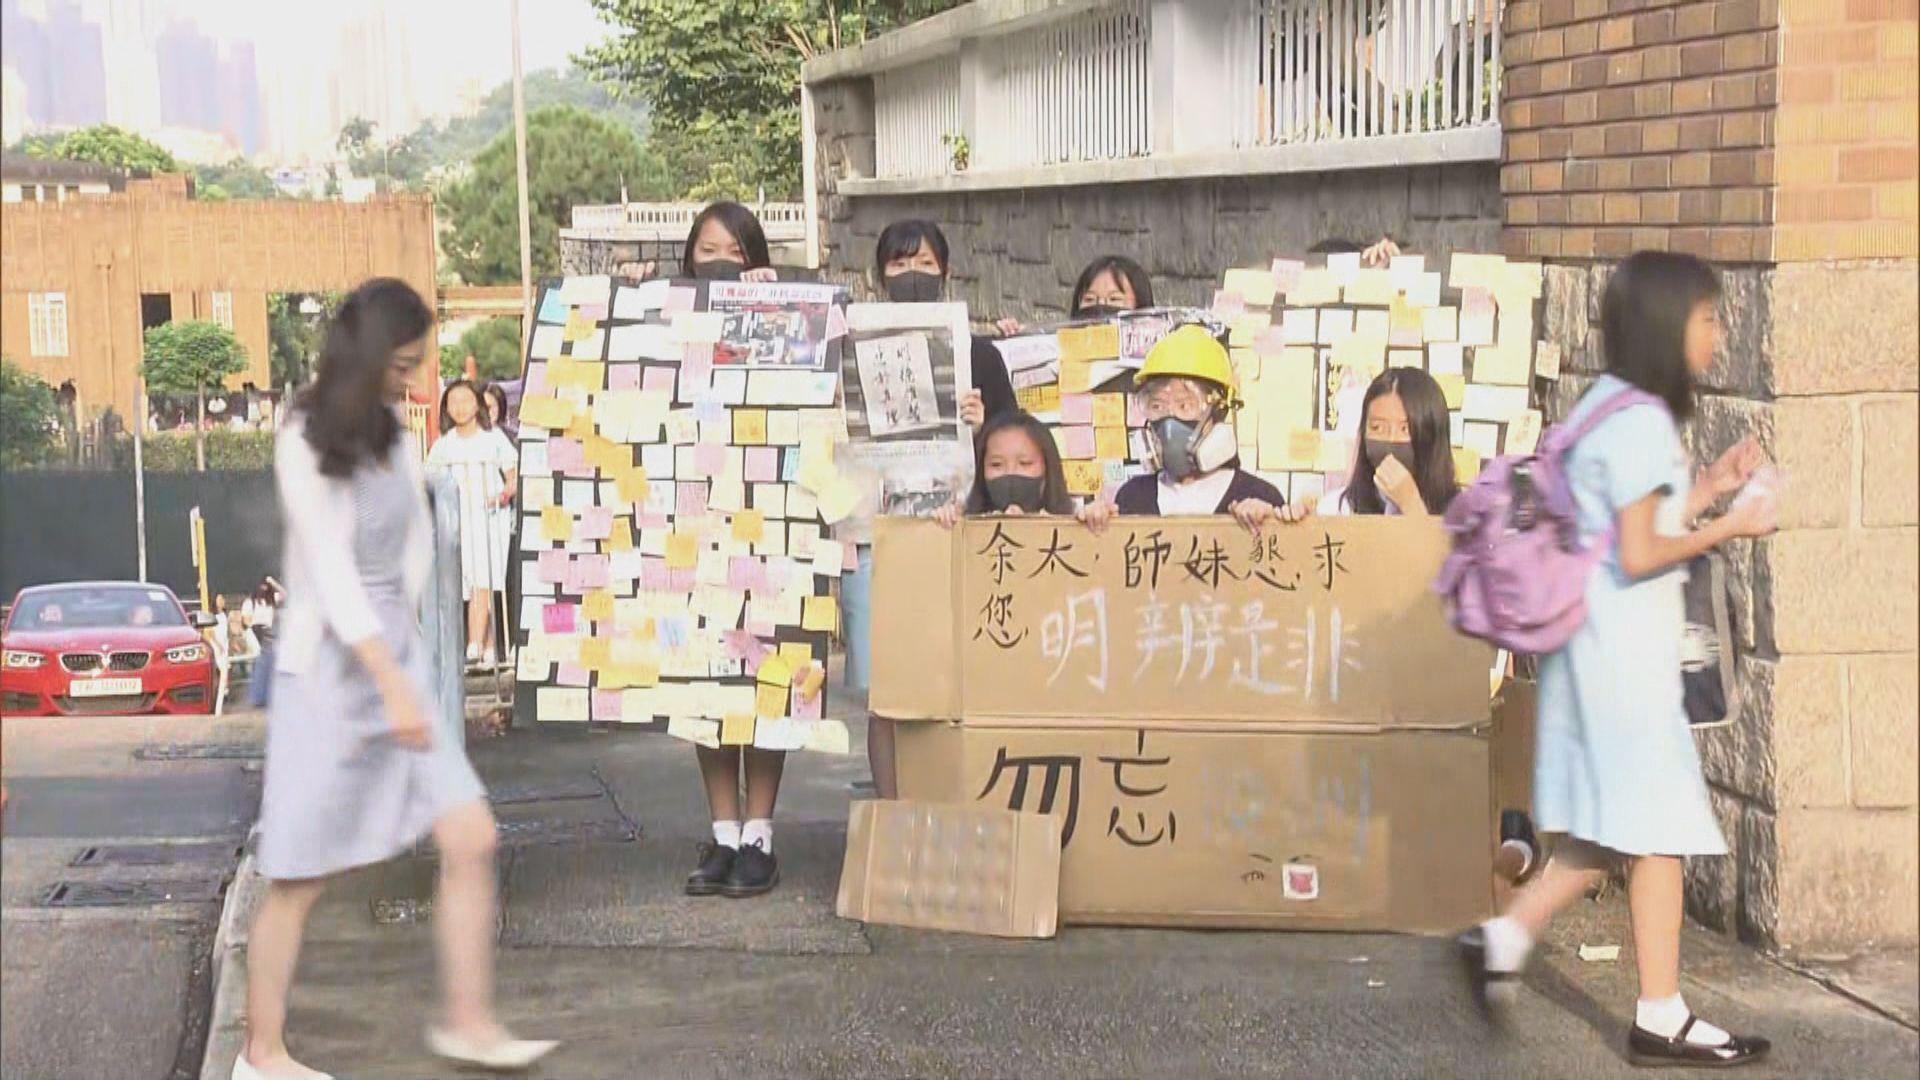 瑪利諾修院學校學生下跪促校友余黎青萍明辨是非